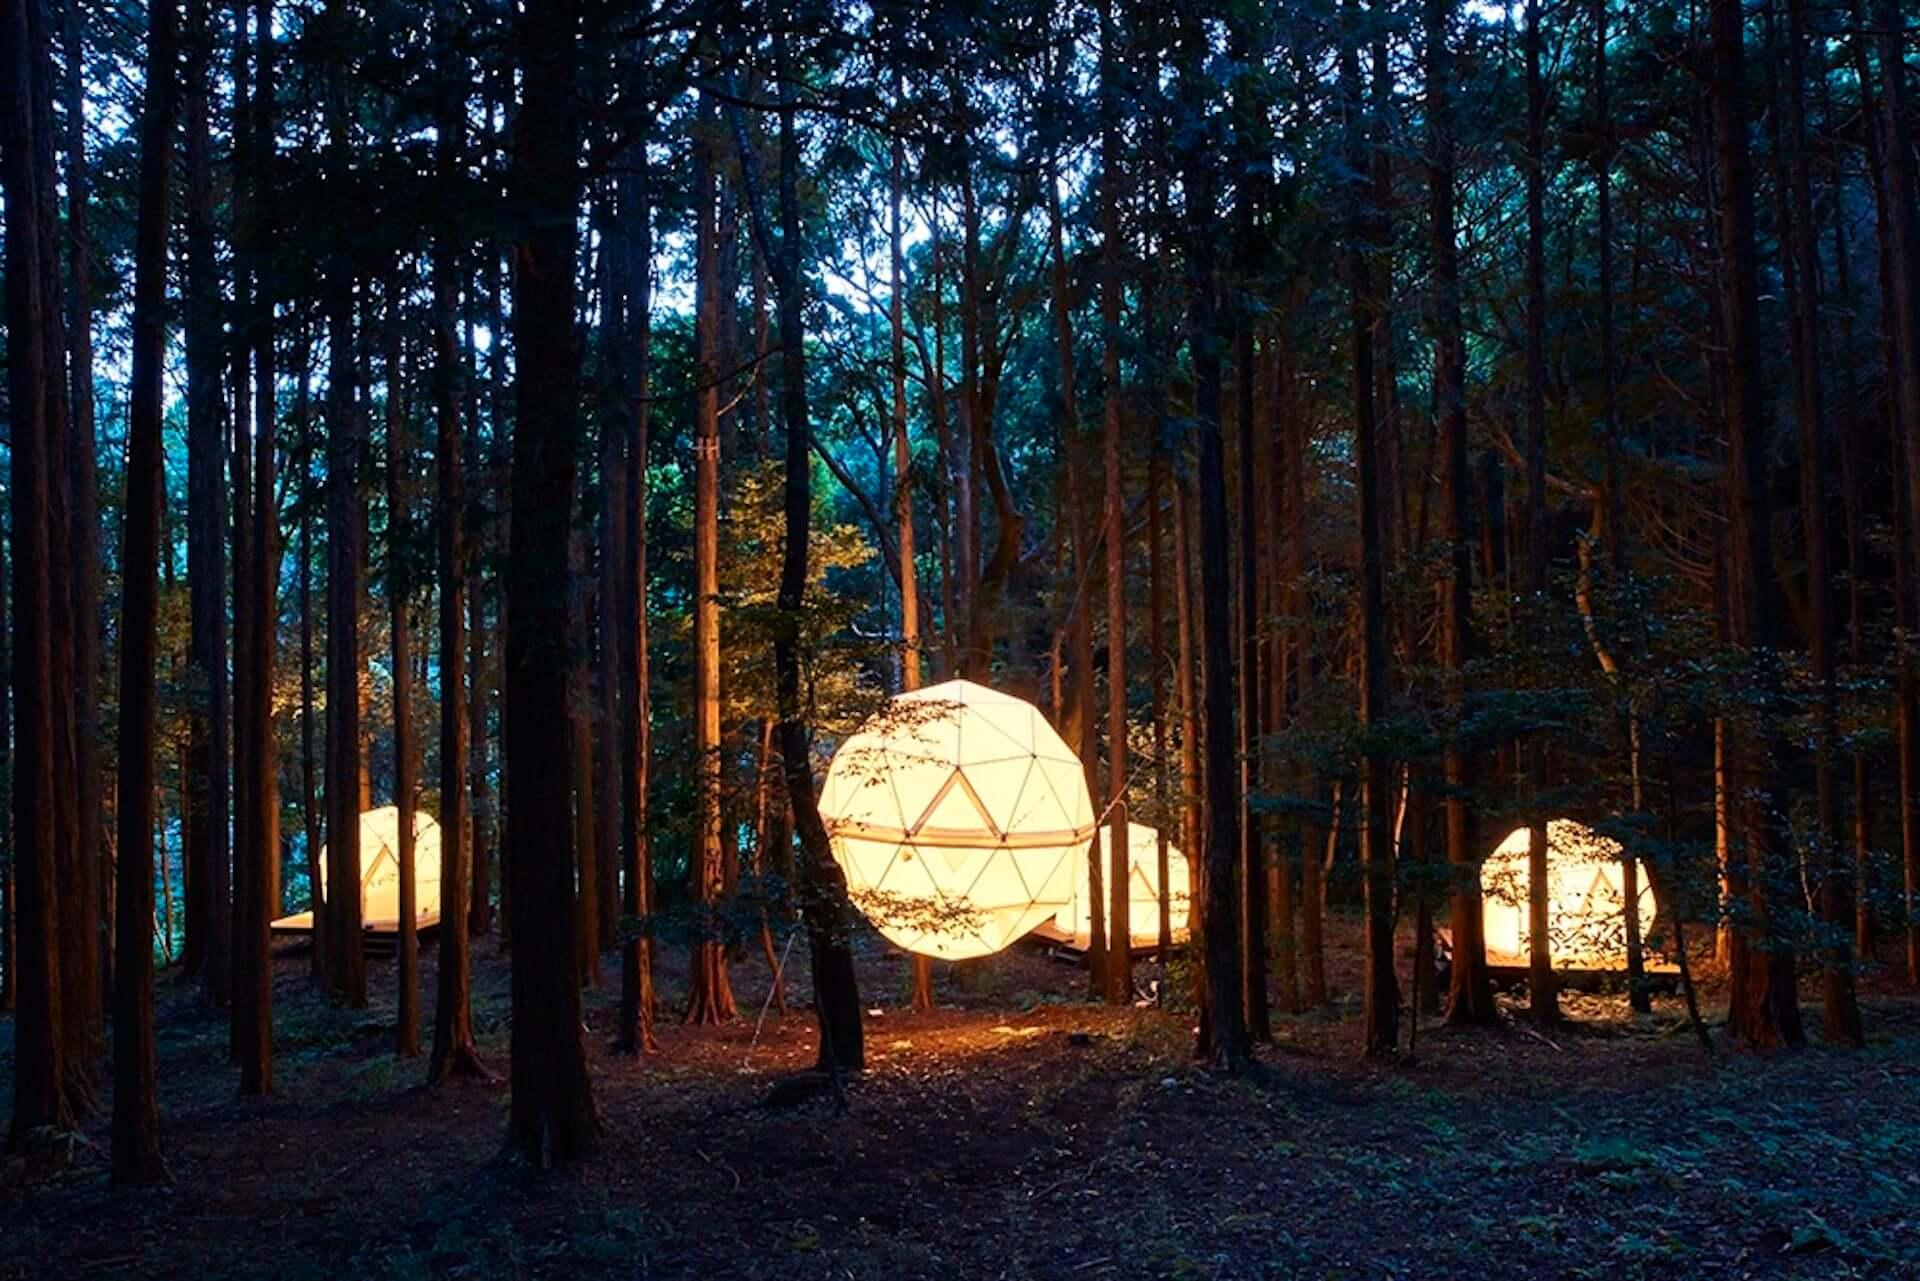 静岡の泊まれる公園「INN THE PARK」にて野外フェス<DISTANCE>が開催決定!DJ Nobu、Soichi Terada、Mars89、Jun Kamodaらが出演 music201006_distance2020_4-1920x1281